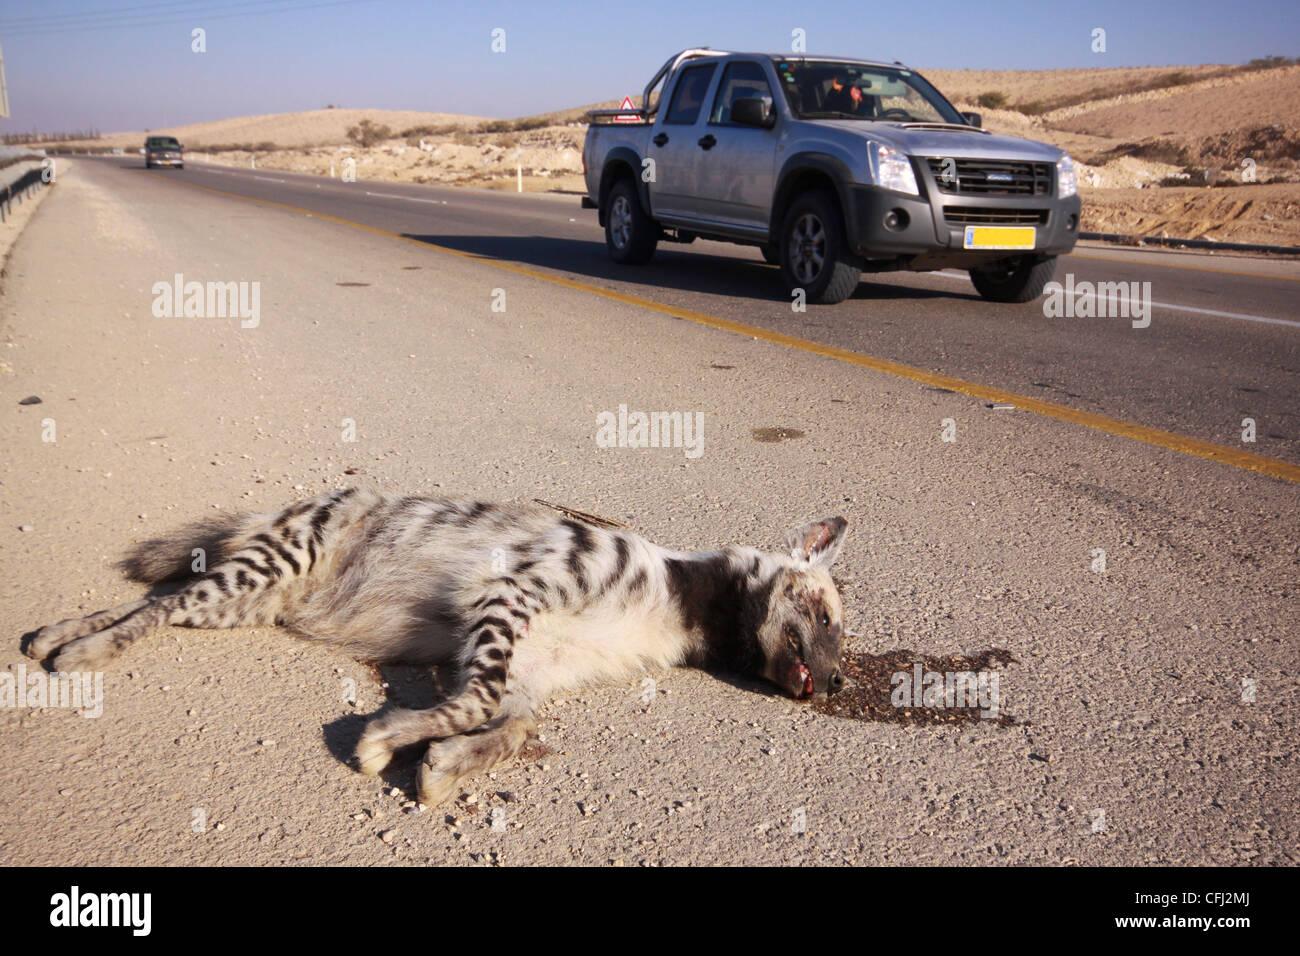 http://c8.alamy.com/comp/CFJ2MJ/striped-hyena-hyaena-hyaena-road-kill-photographed-in-israel-aravah-CFJ2MJ.jpg